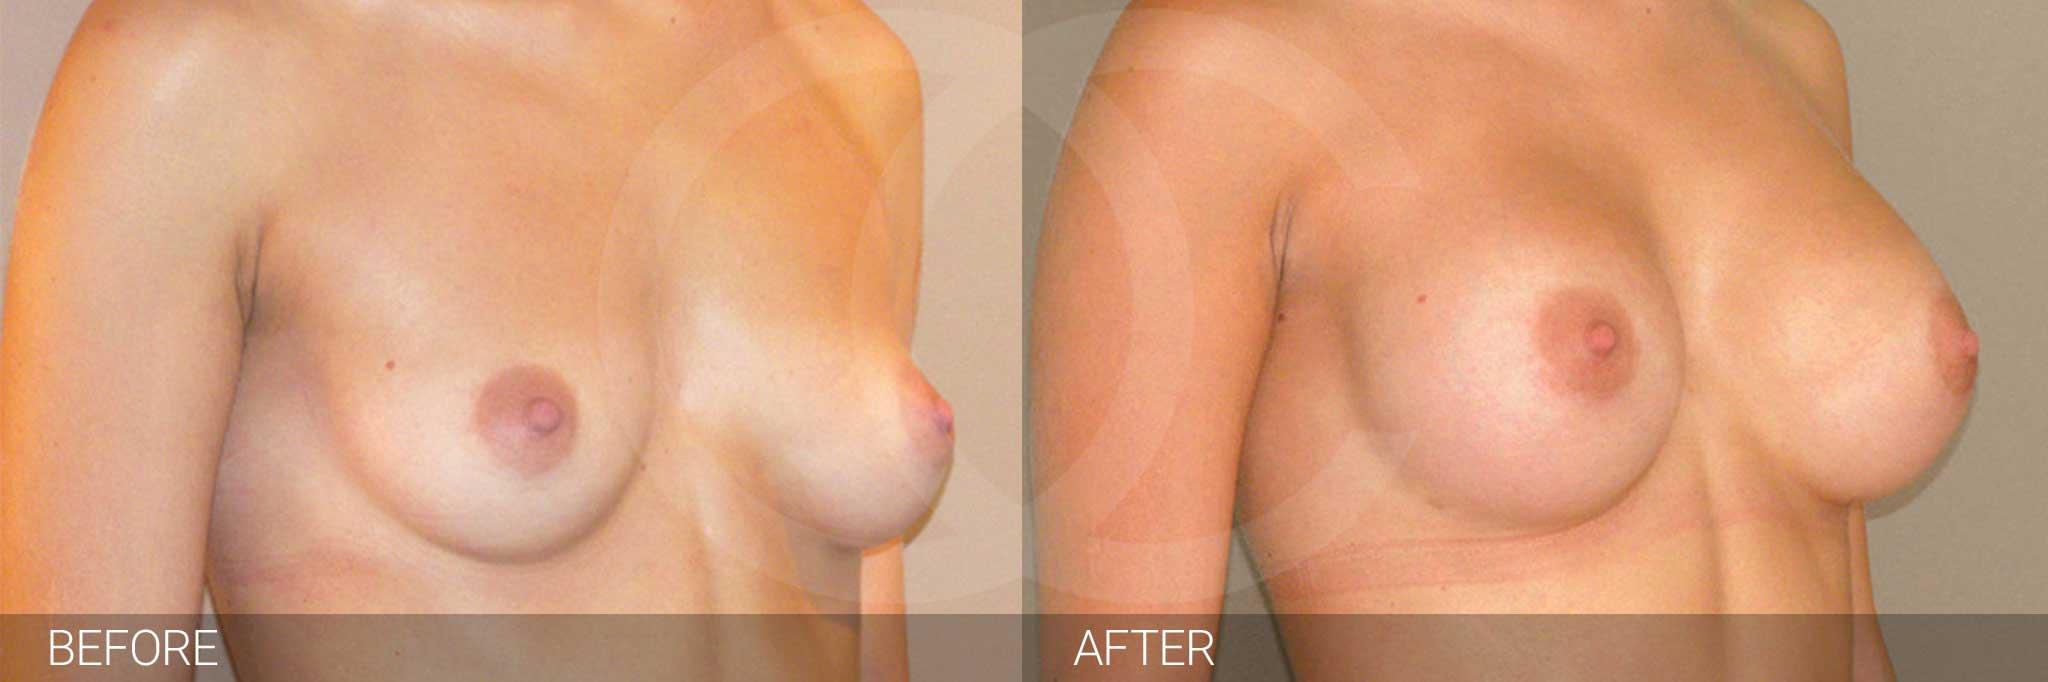 Augmentation mammaire Prothèses mammaires en silicone 300cc profil haut ante/post-op II